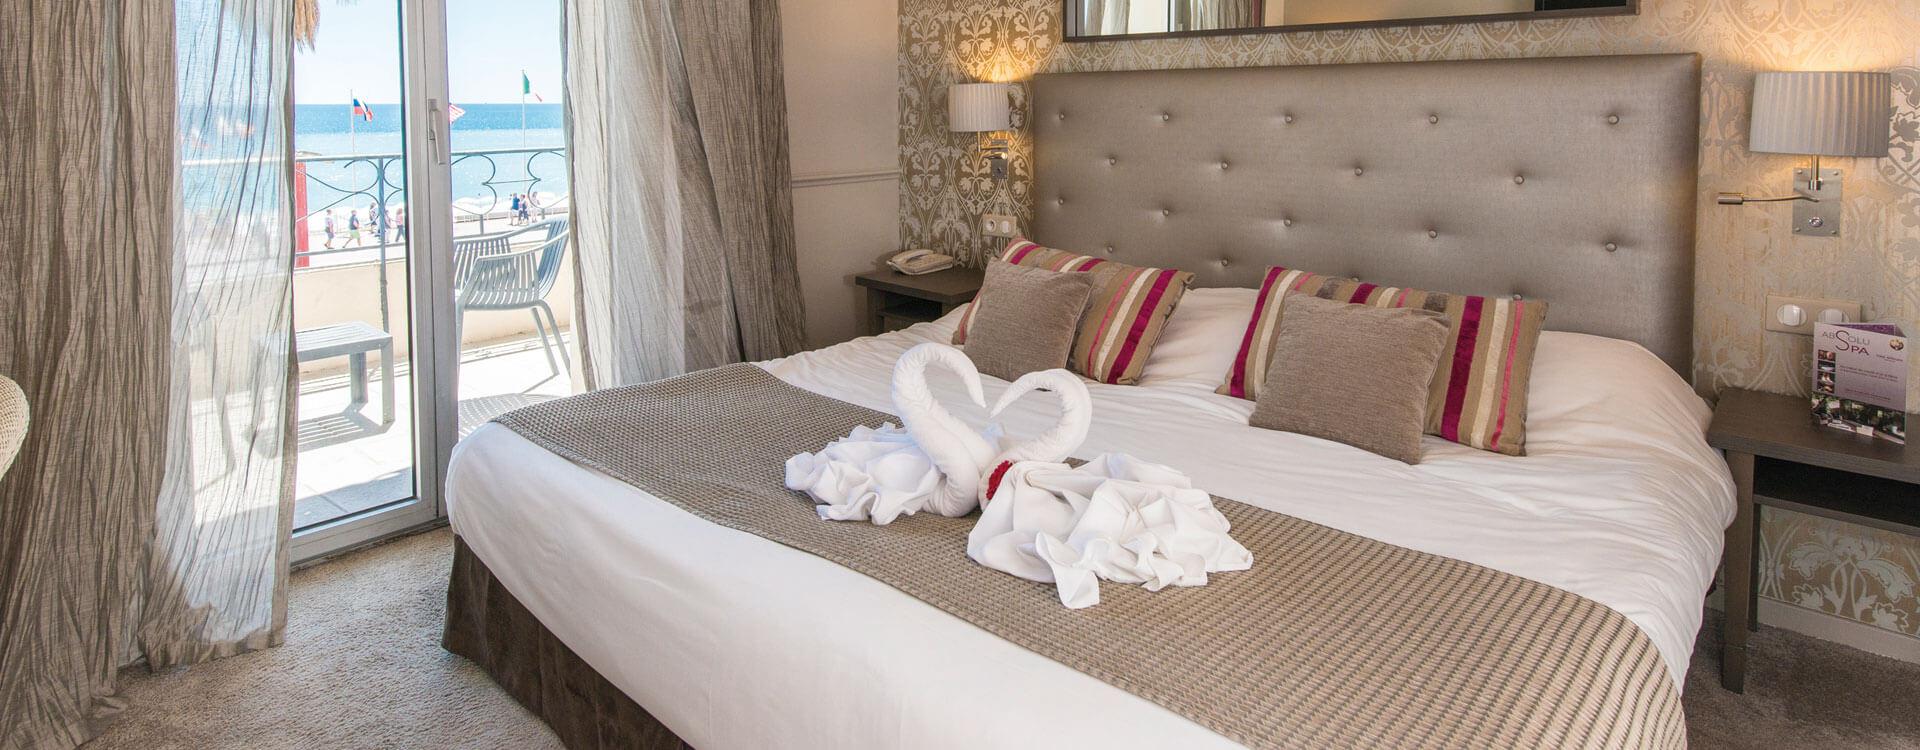 Chambre twin - Hôtel*** Le Royal à Nice